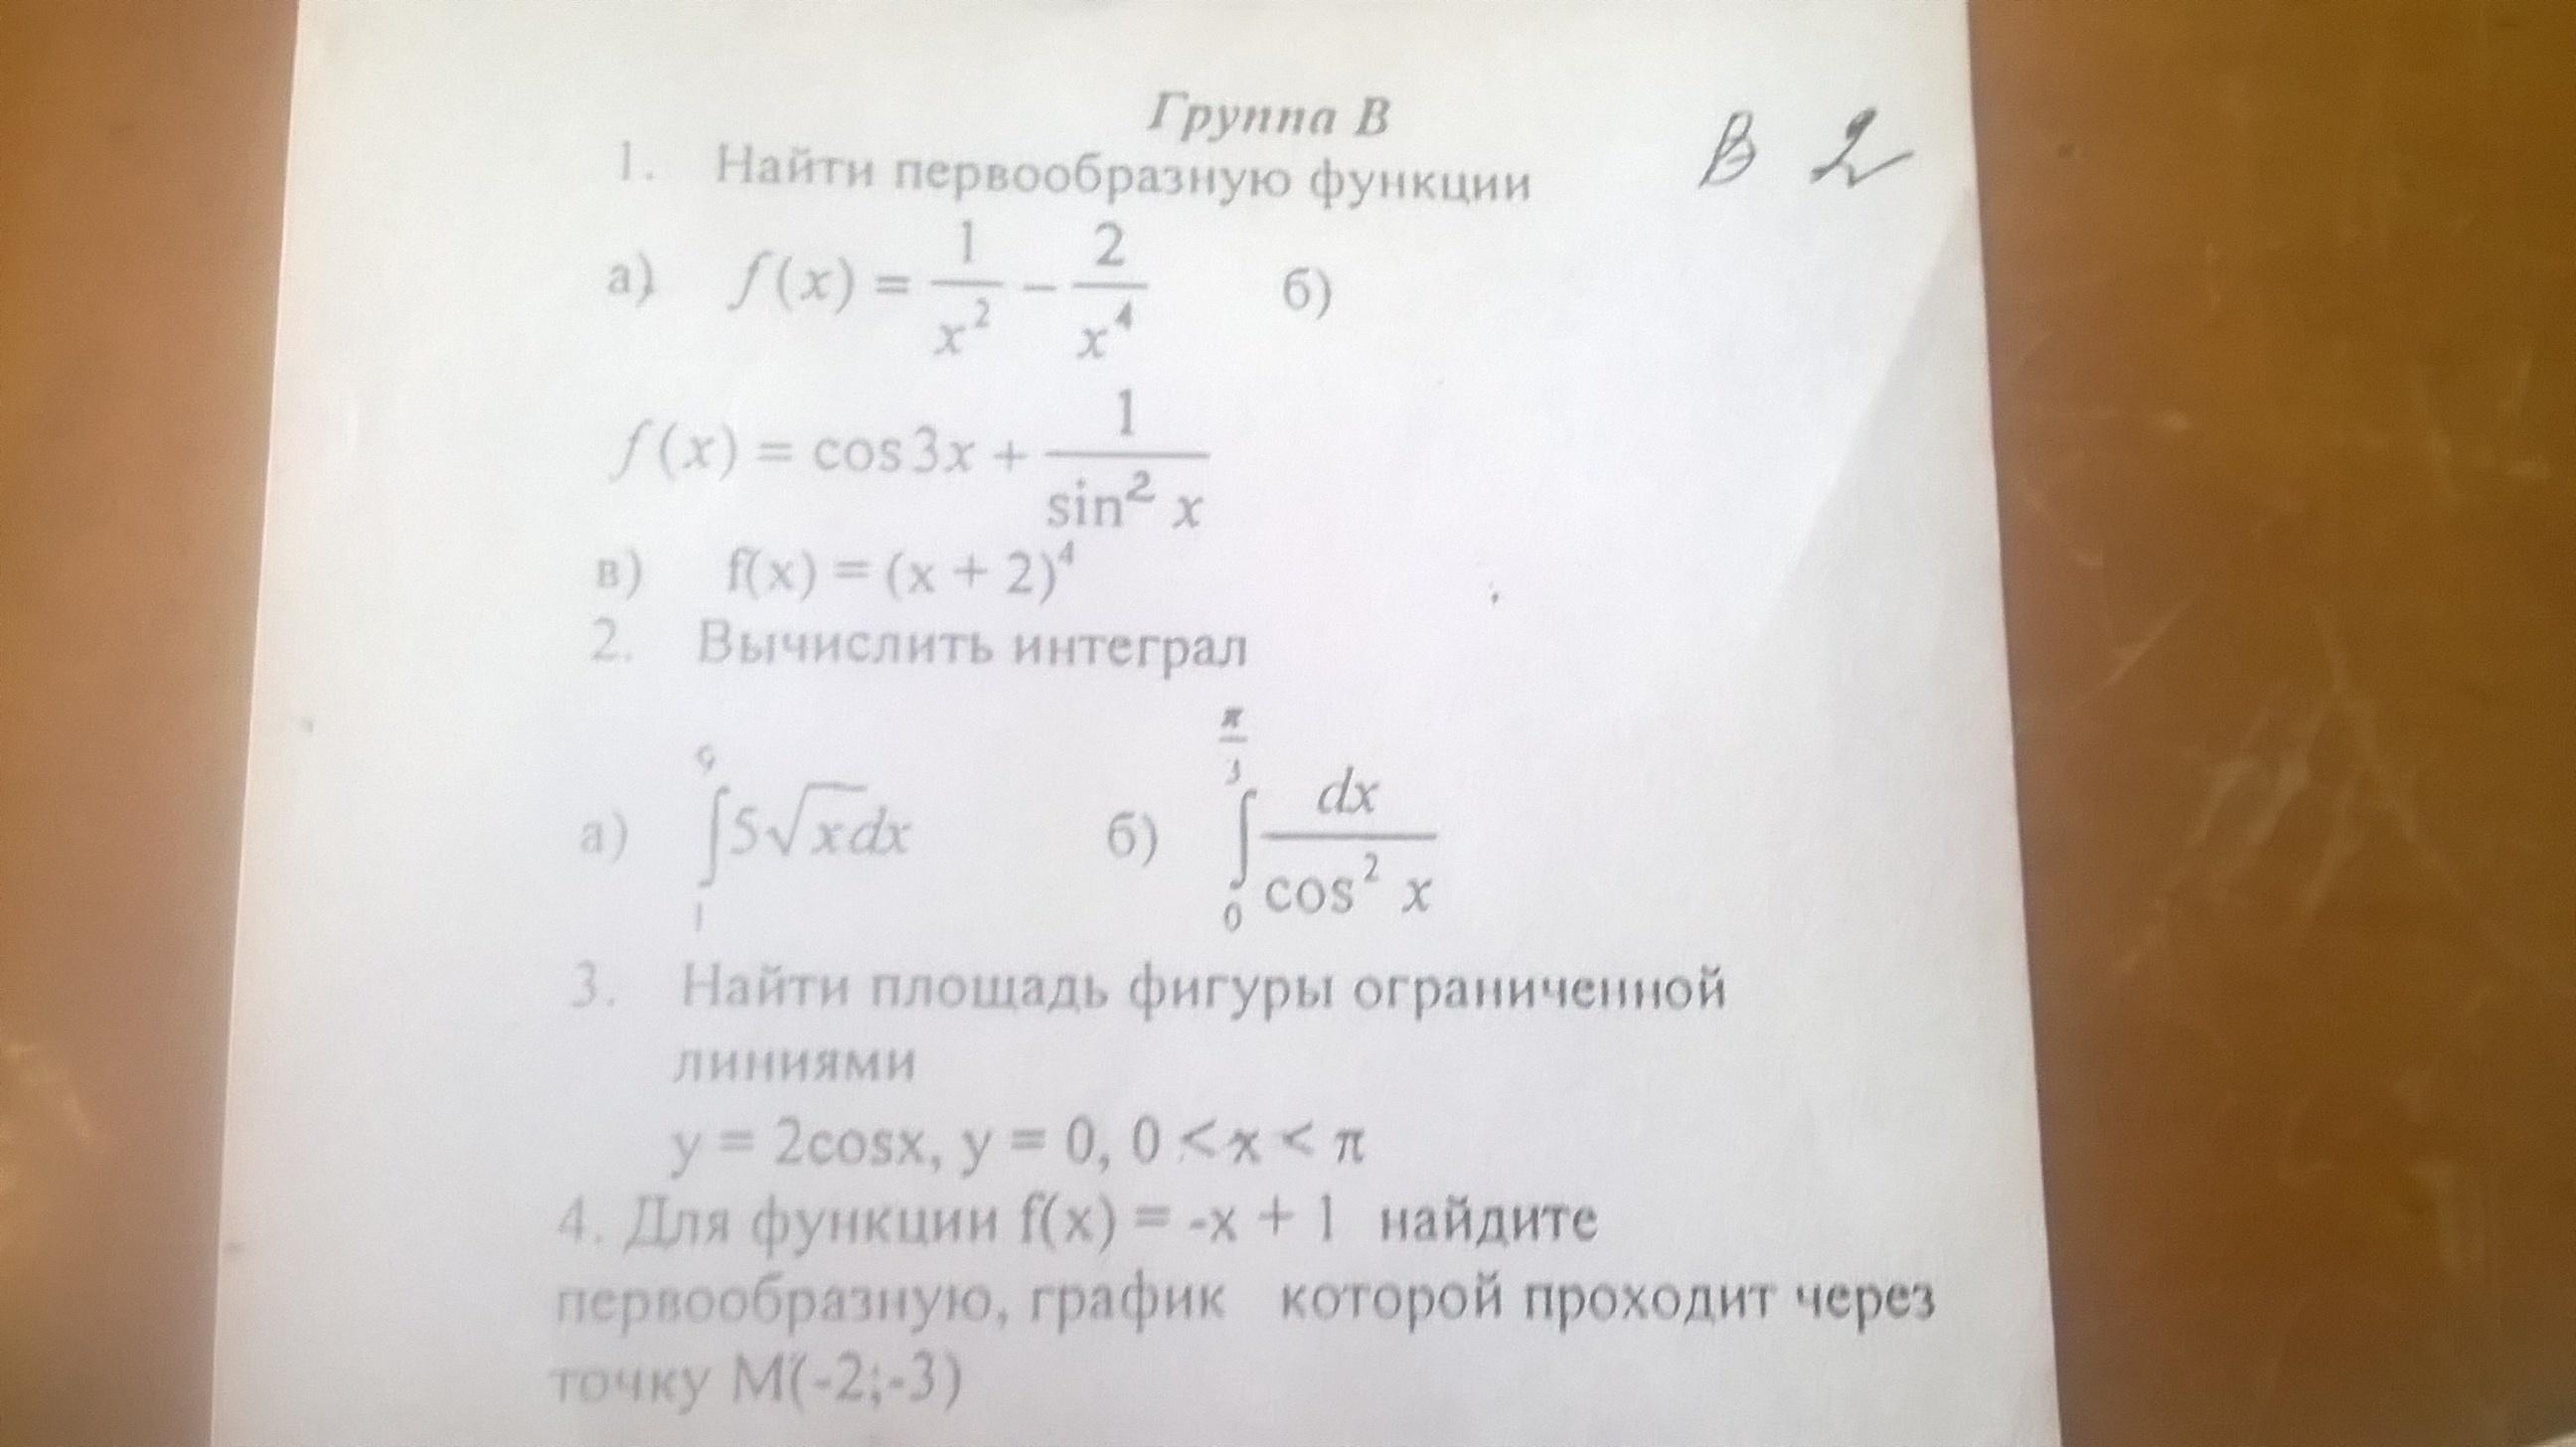 1)Найти первообразную функции 2)Вычислить интеграл 4)Найти первообразную, проходящую через точку. 3 задание не надо, помогите решить, пожалуйста